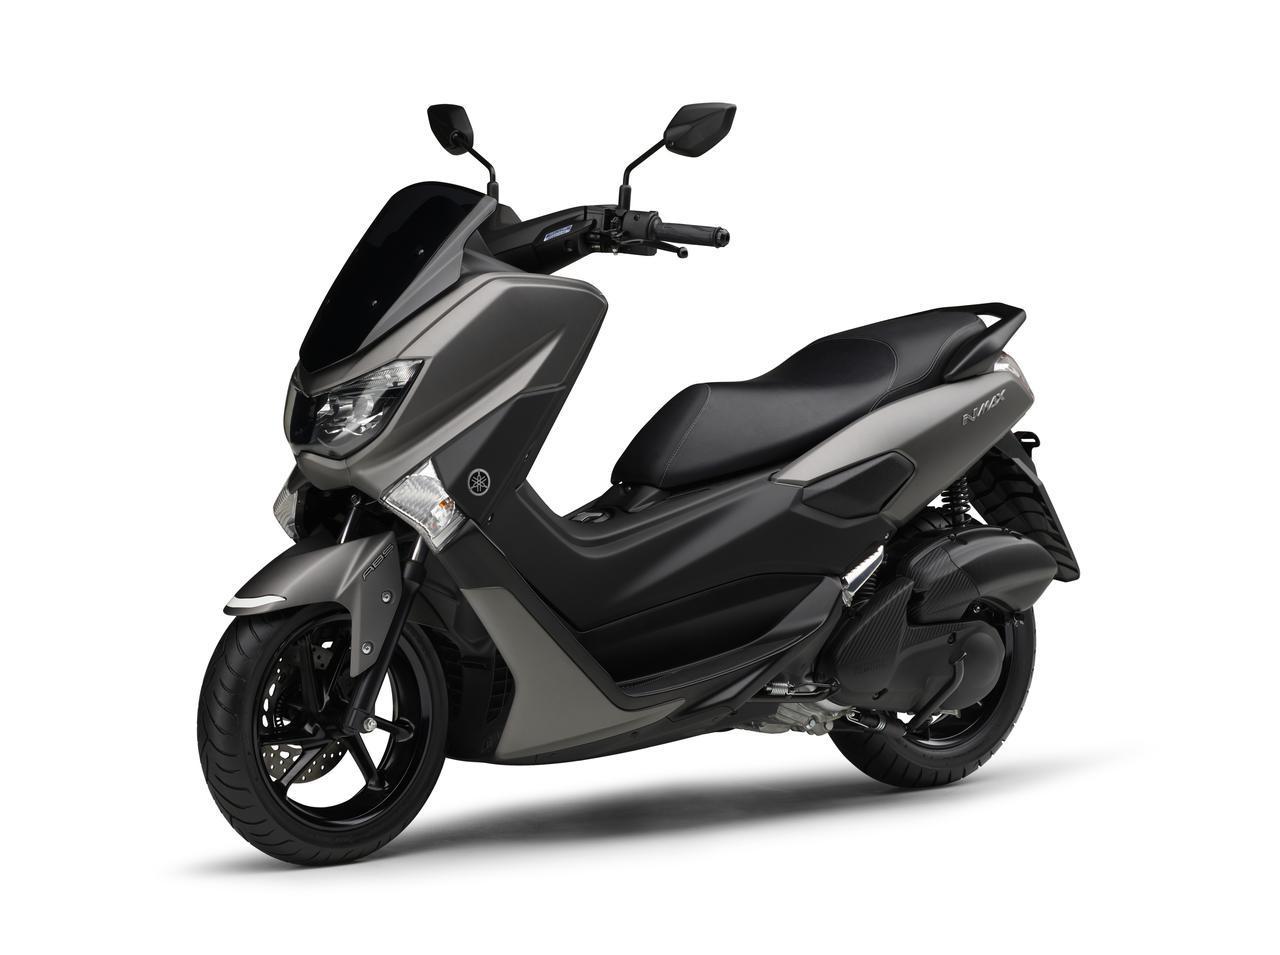 画像10: ヤマハ「NMAX ABS」(2020年)解説&試乗インプレ|YAMAHAで最も高価な125cc二輪スクーターの魅力とは?